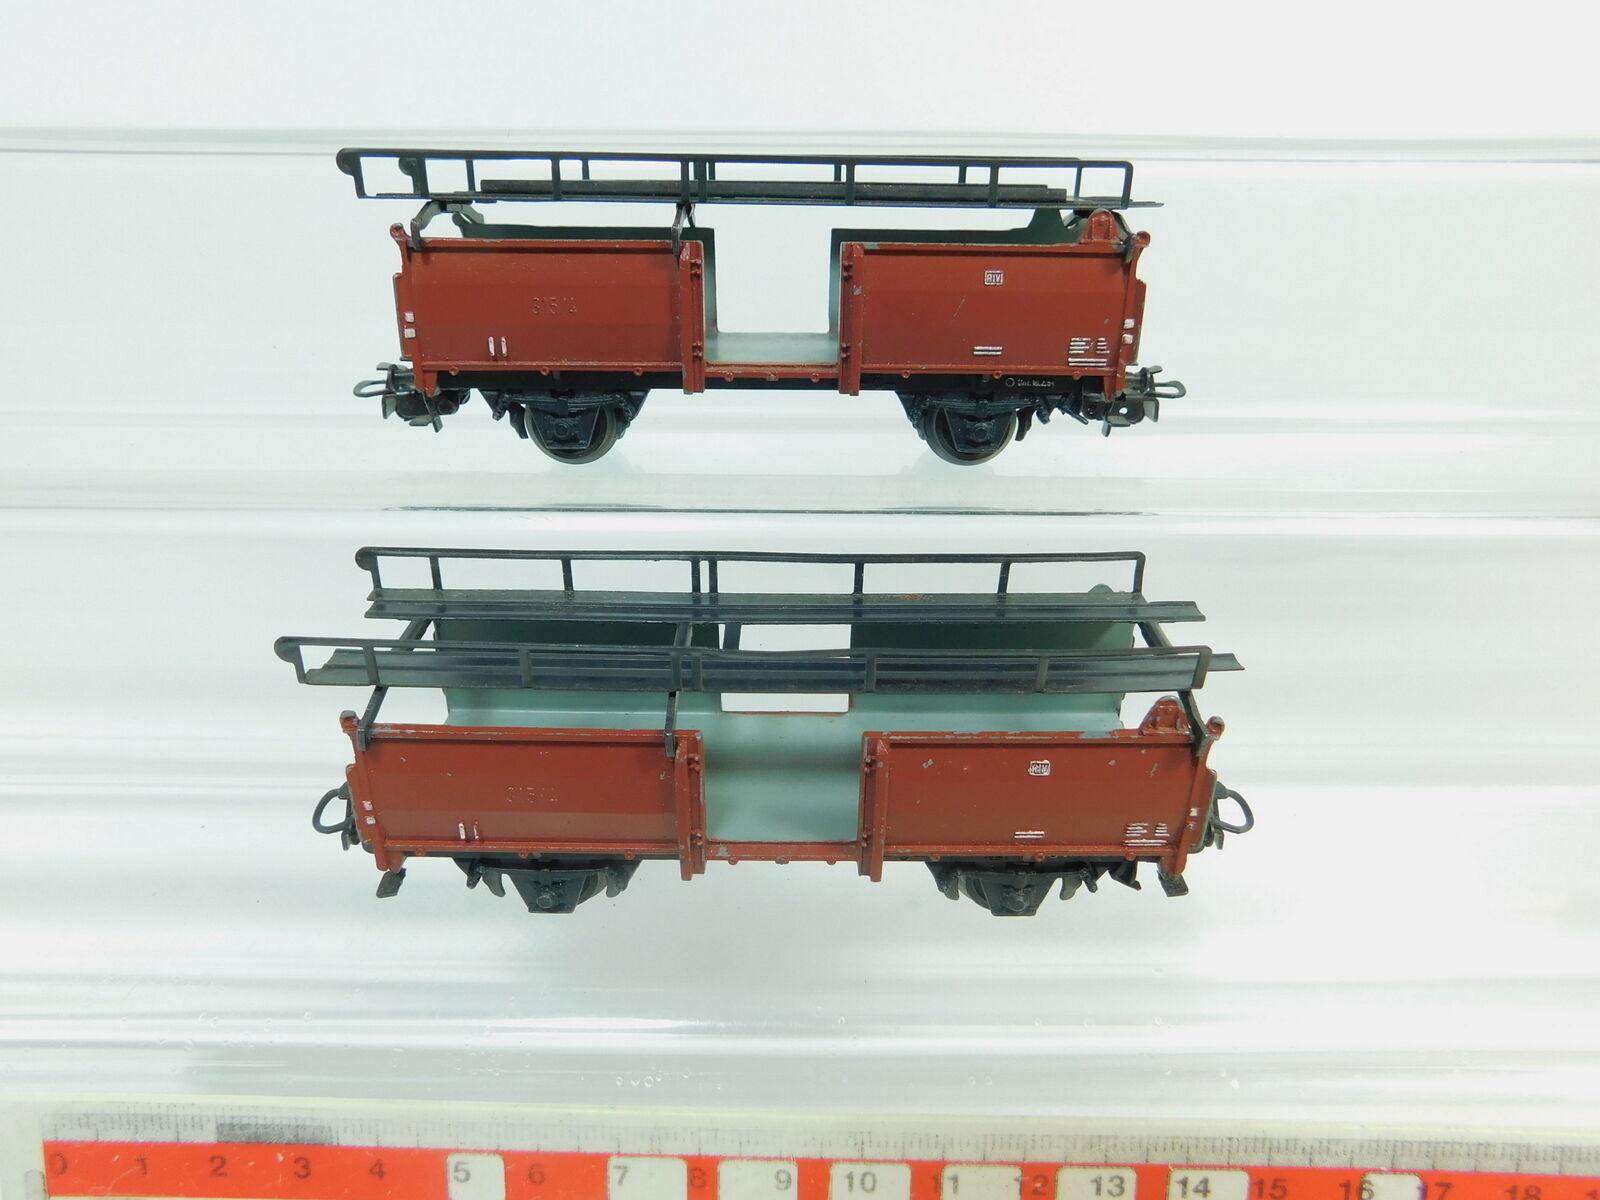 Bn463-0, 5  2x   h0/ac 4612 in ghisa-AUTO CARRELLO TRASPORTO off 52 315/4 DB